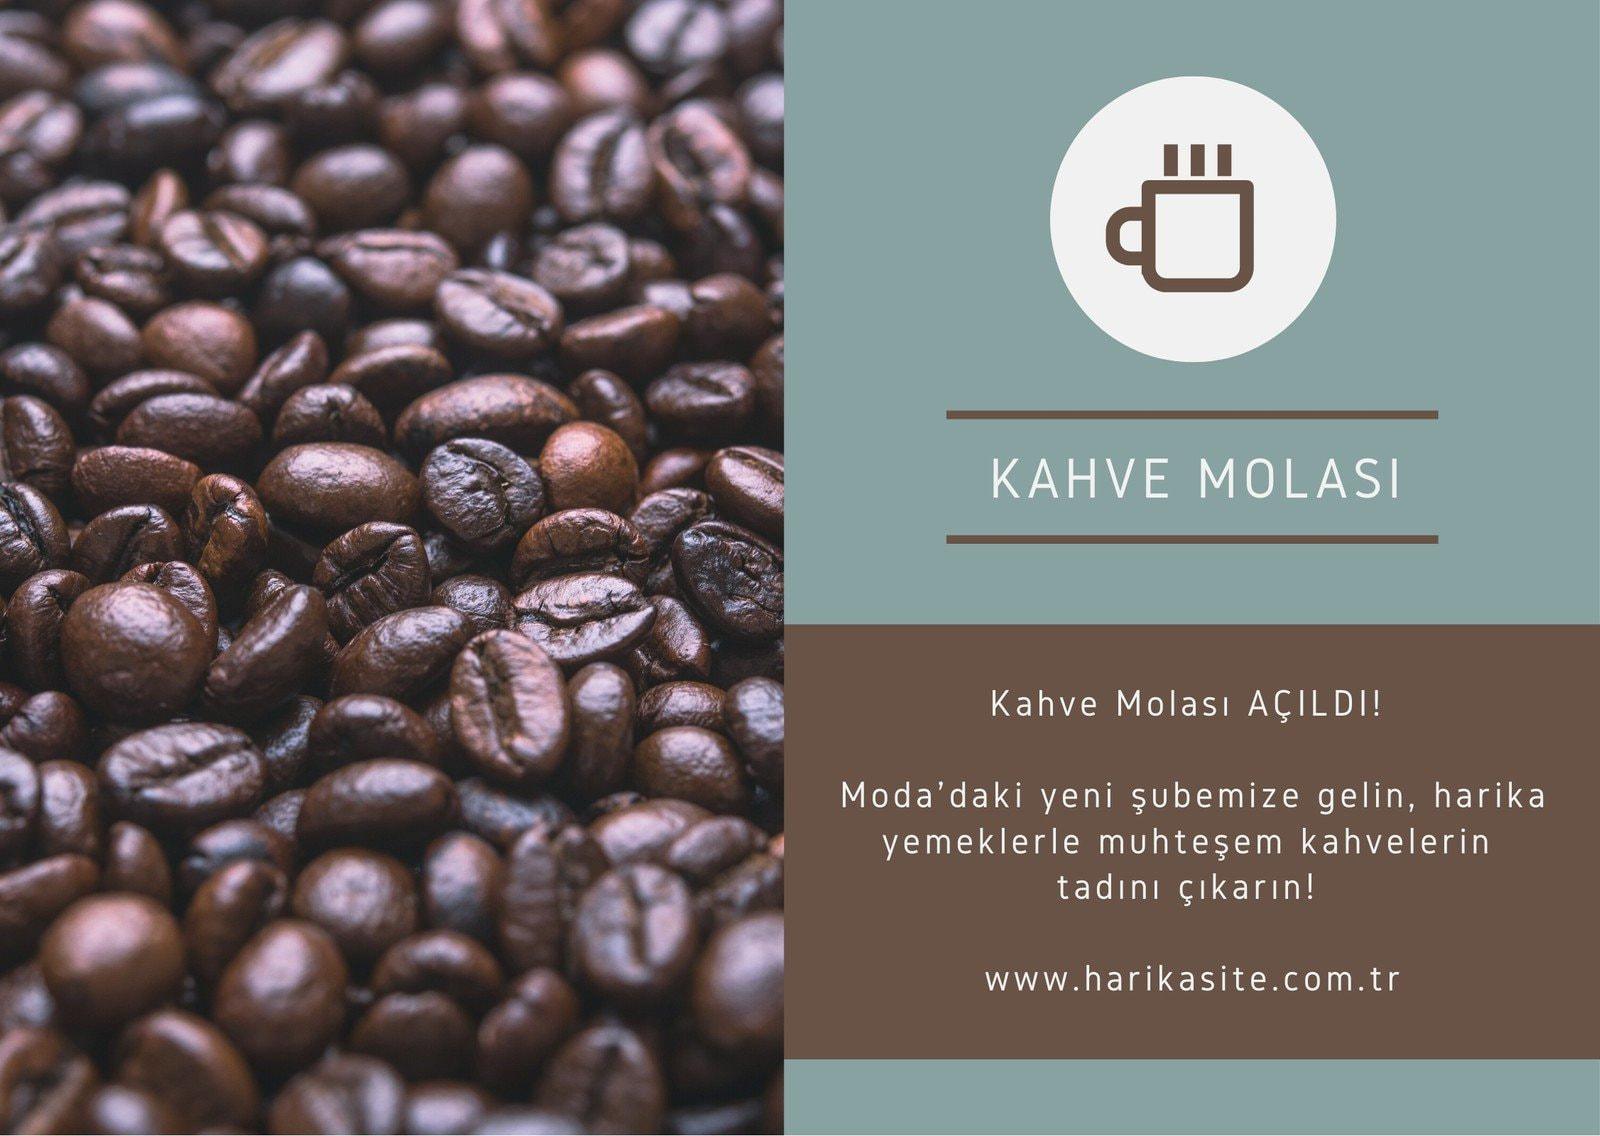 Kahve Molası Mavi ve Kahverengi Doğrudan Posta Kartpostal